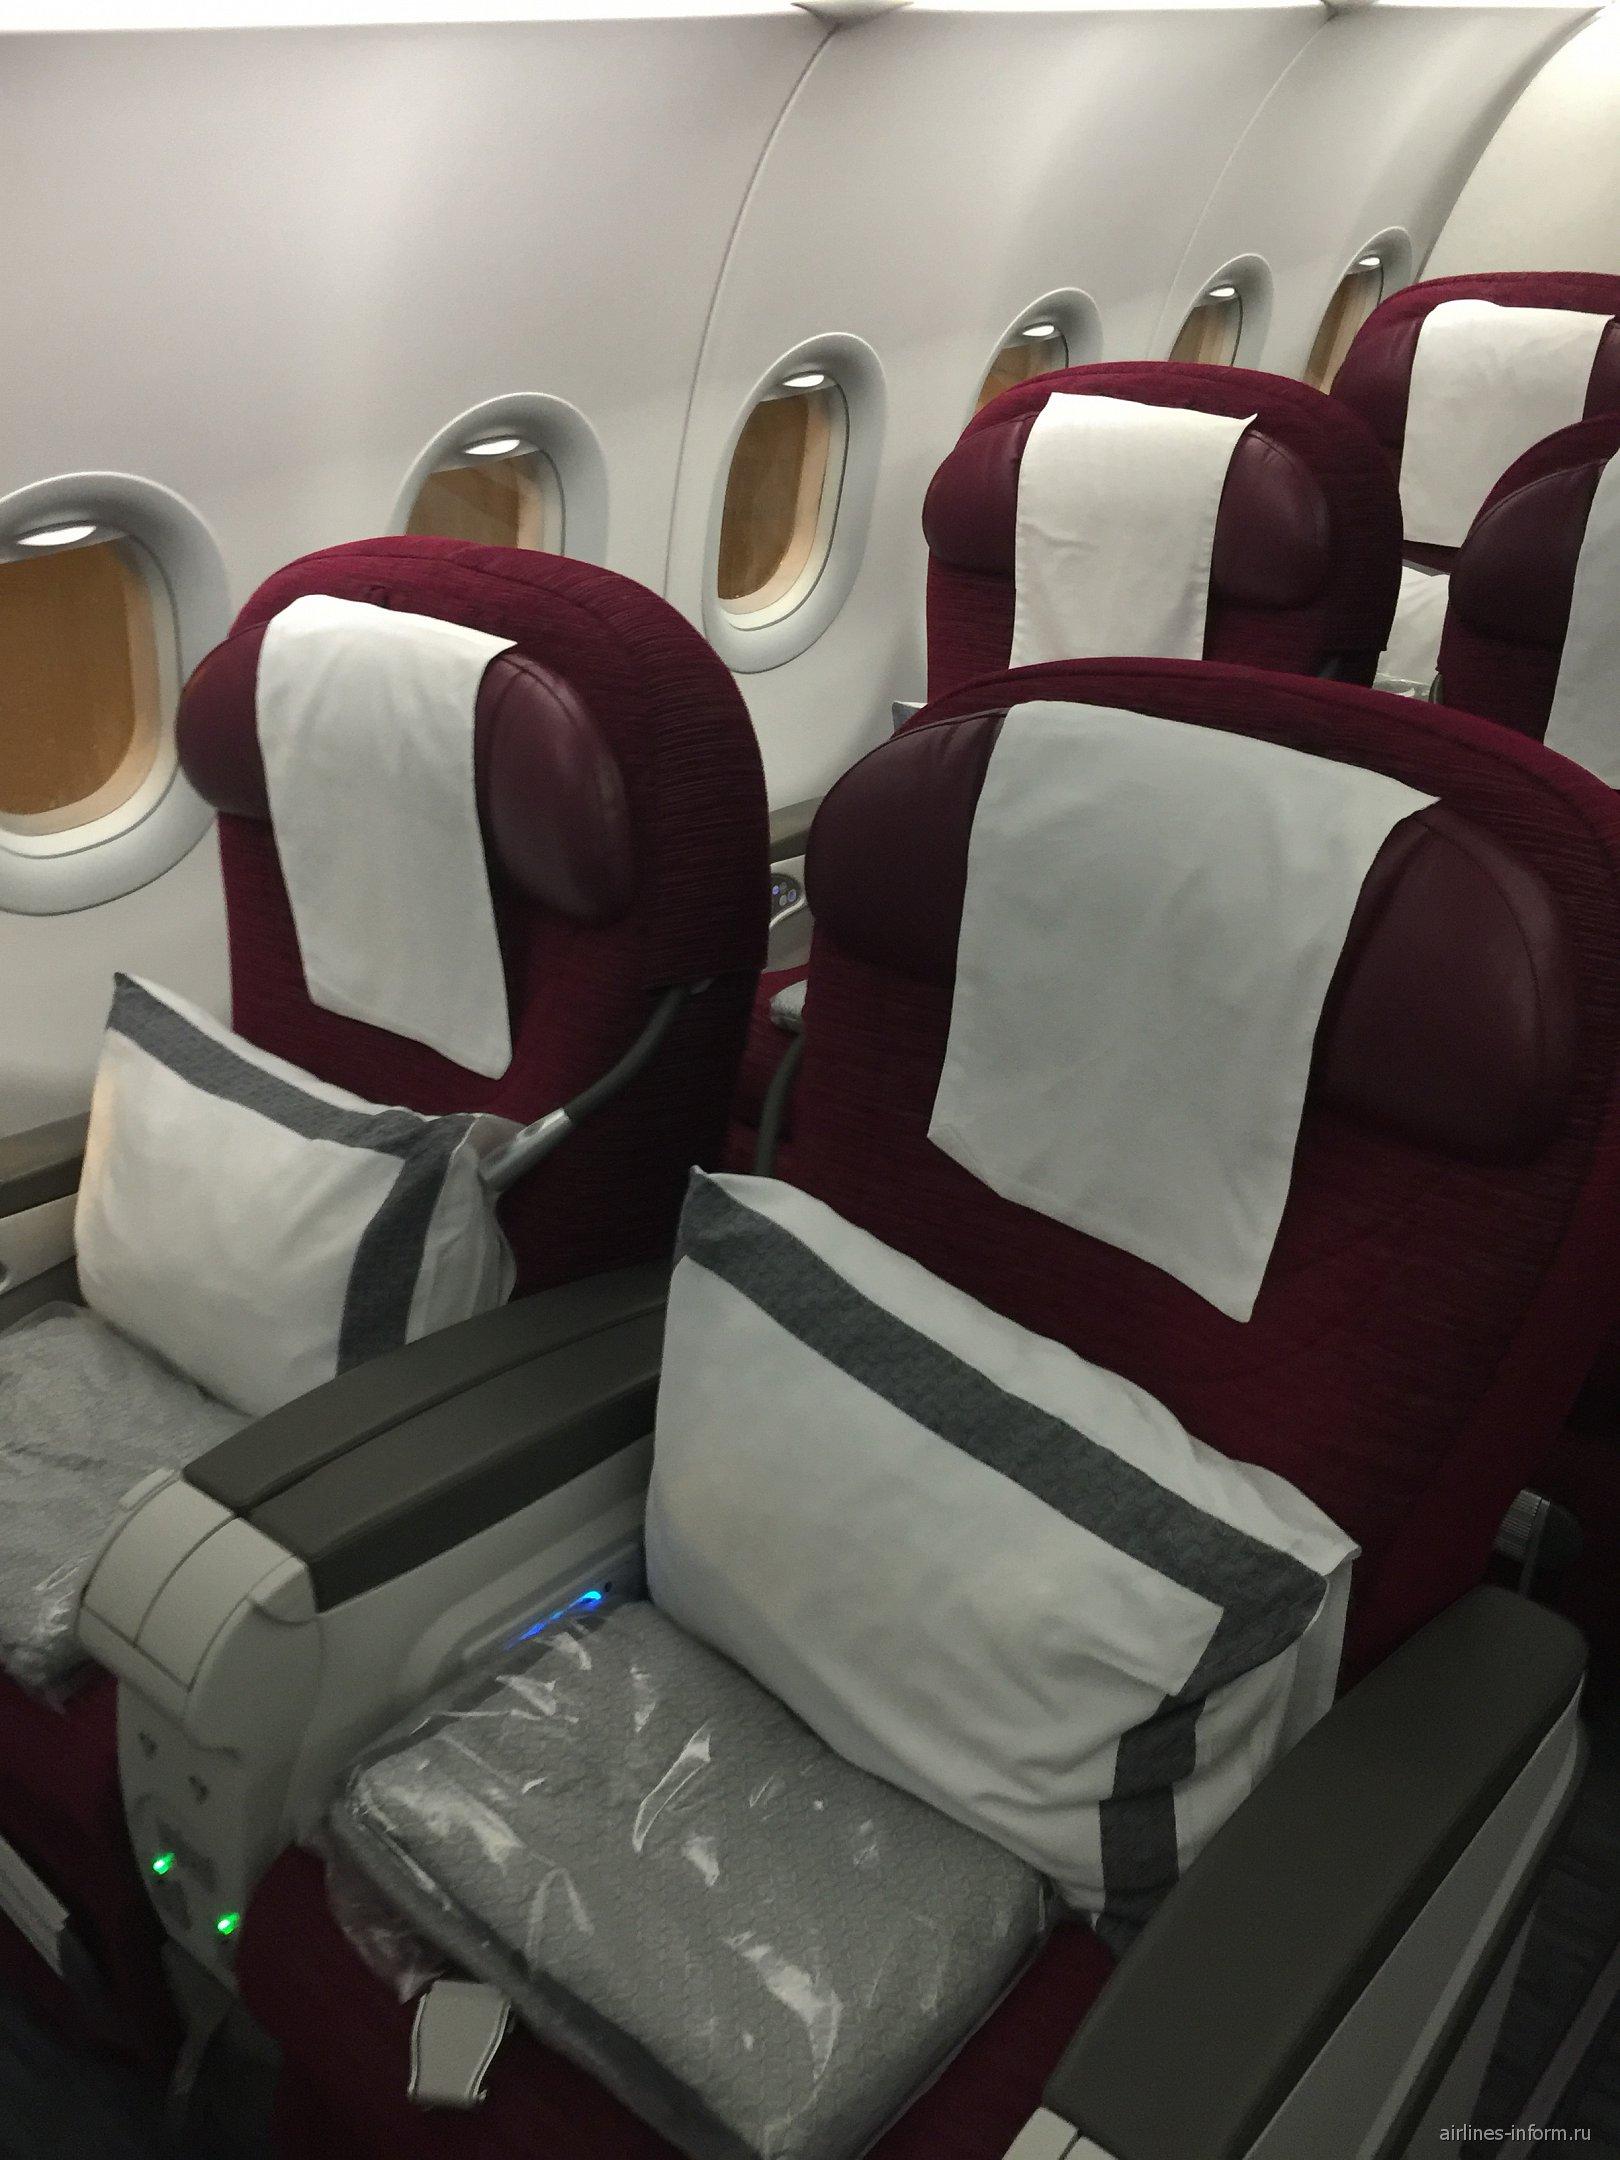 Кресла бизнес-класса в самолете Airbus A320 Катарских авиалиний